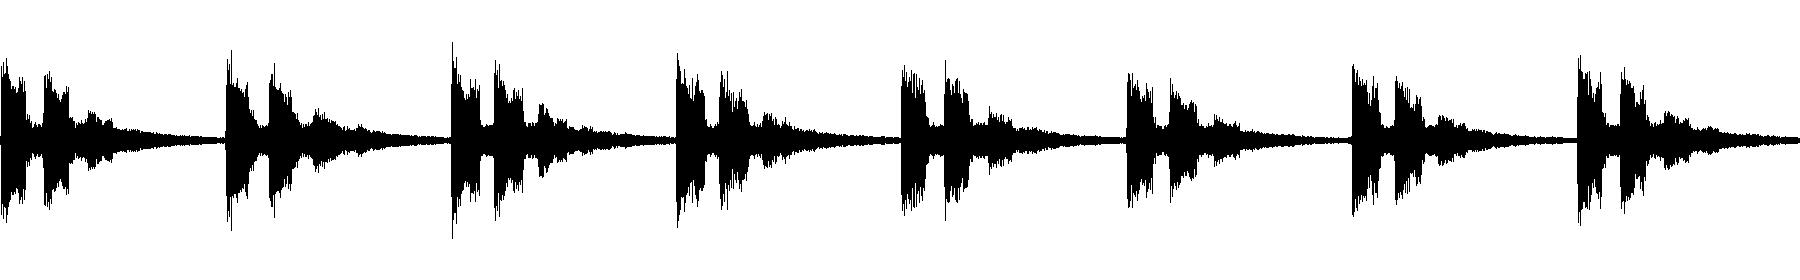 dts chordlp 22a gm wet